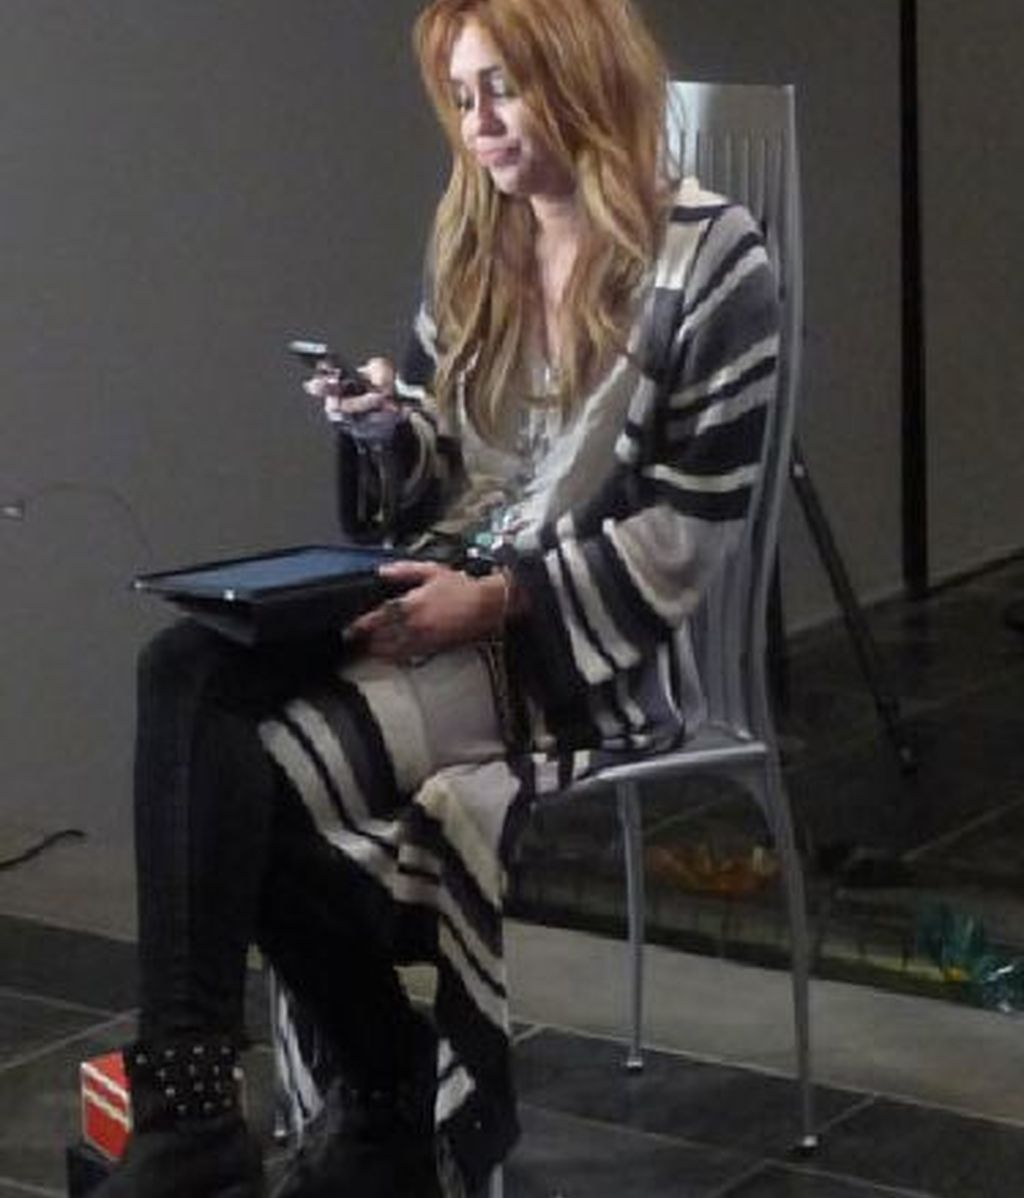 El 'making of' del posado de Miley Cyrus